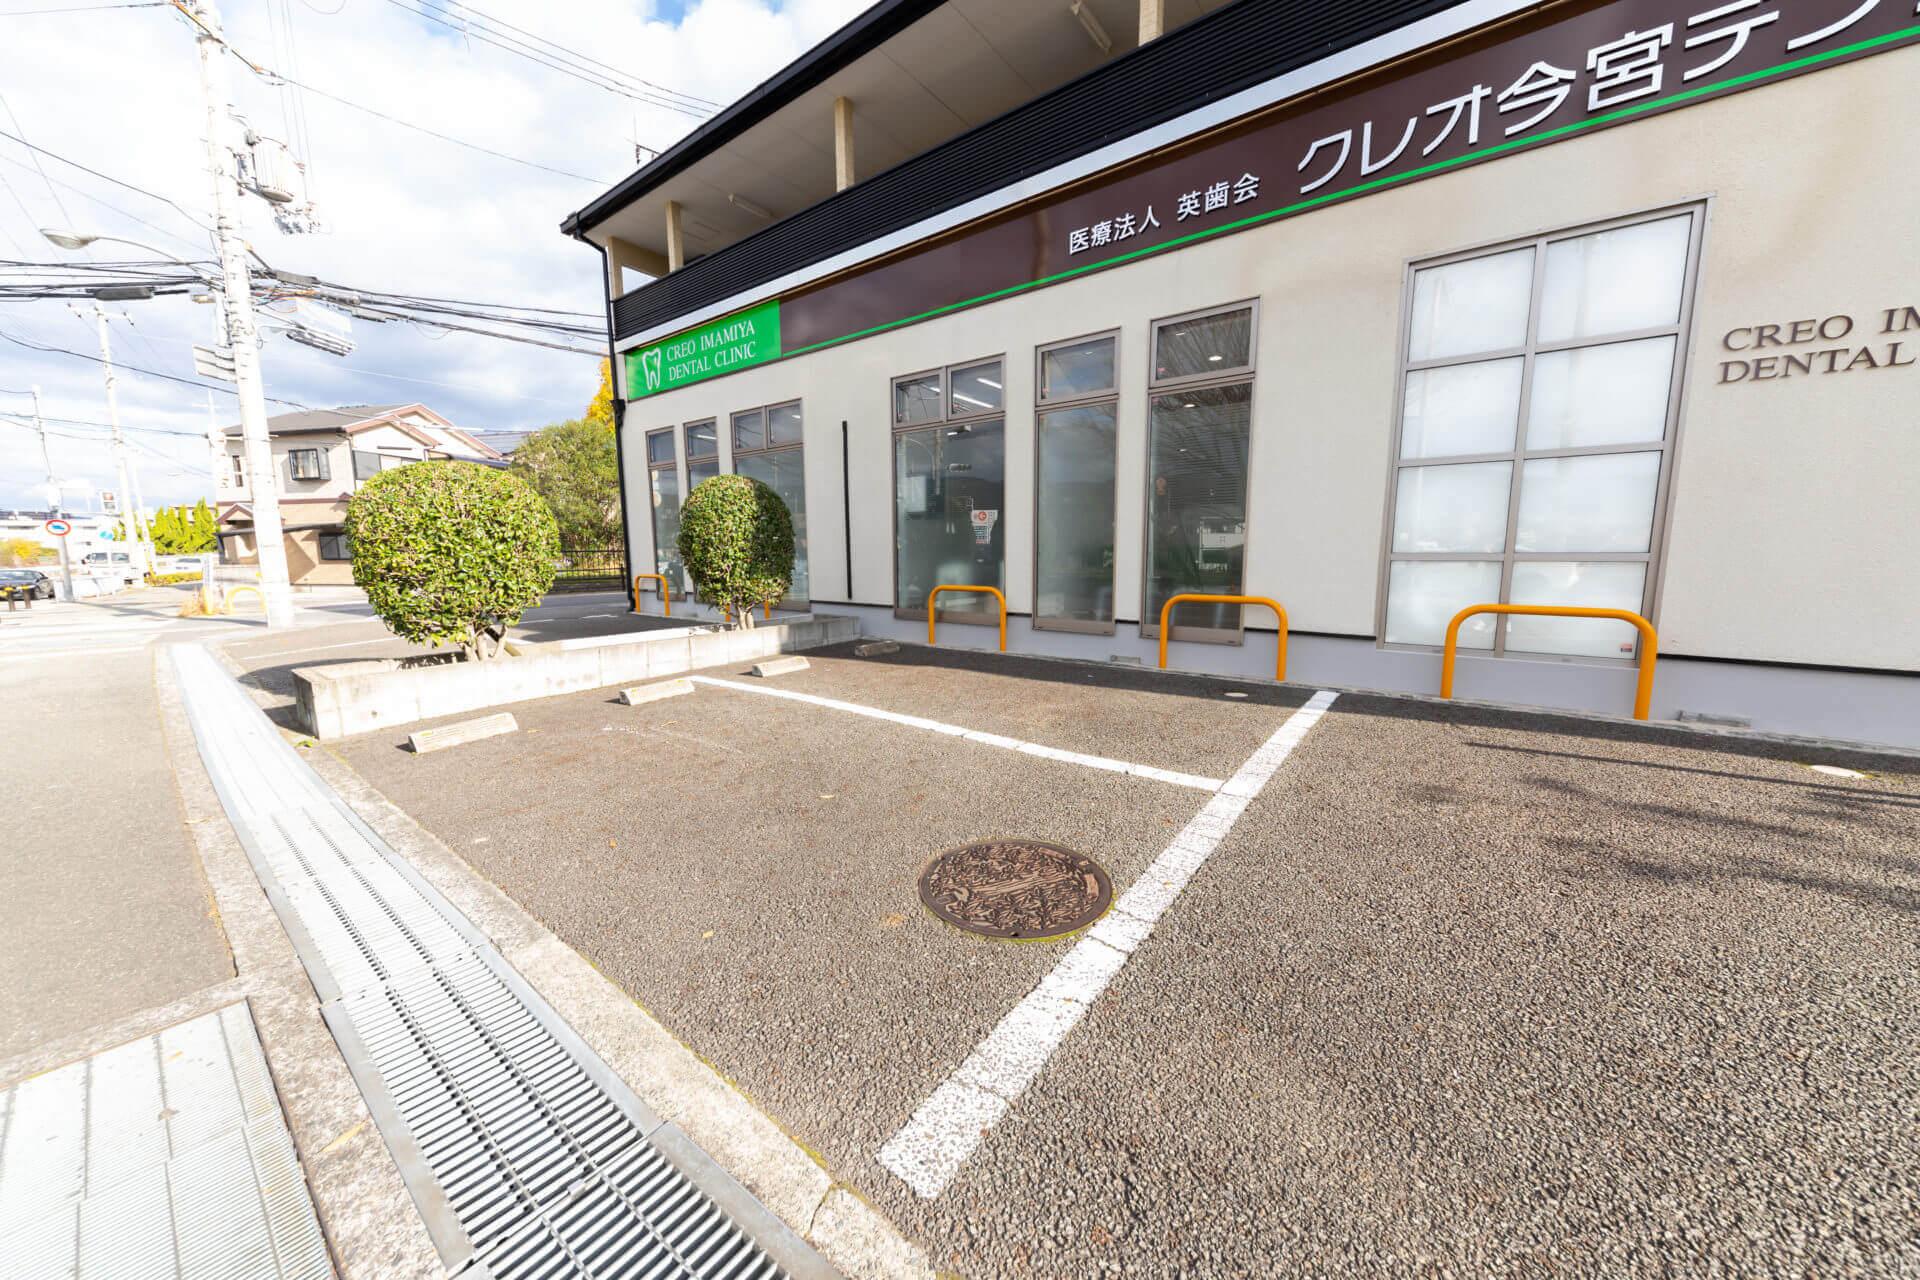 外観・駐車場